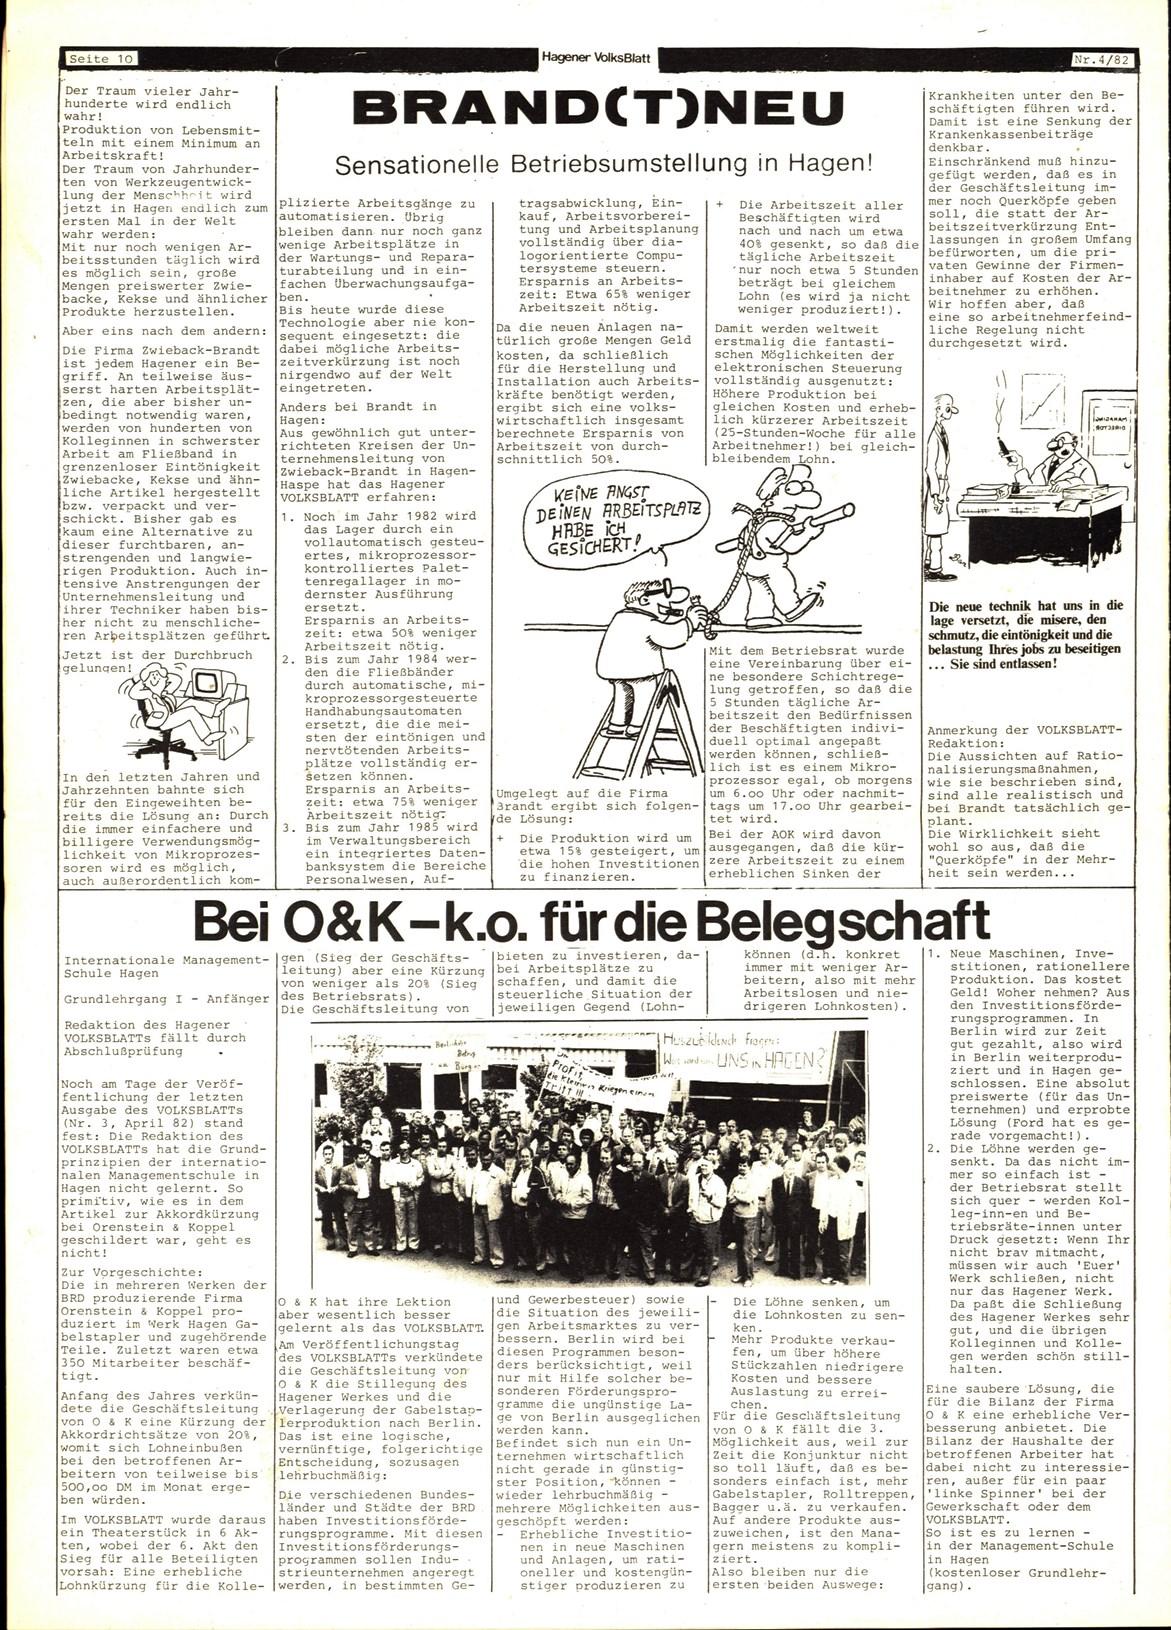 Hagen_Volksblatt_19820600_10